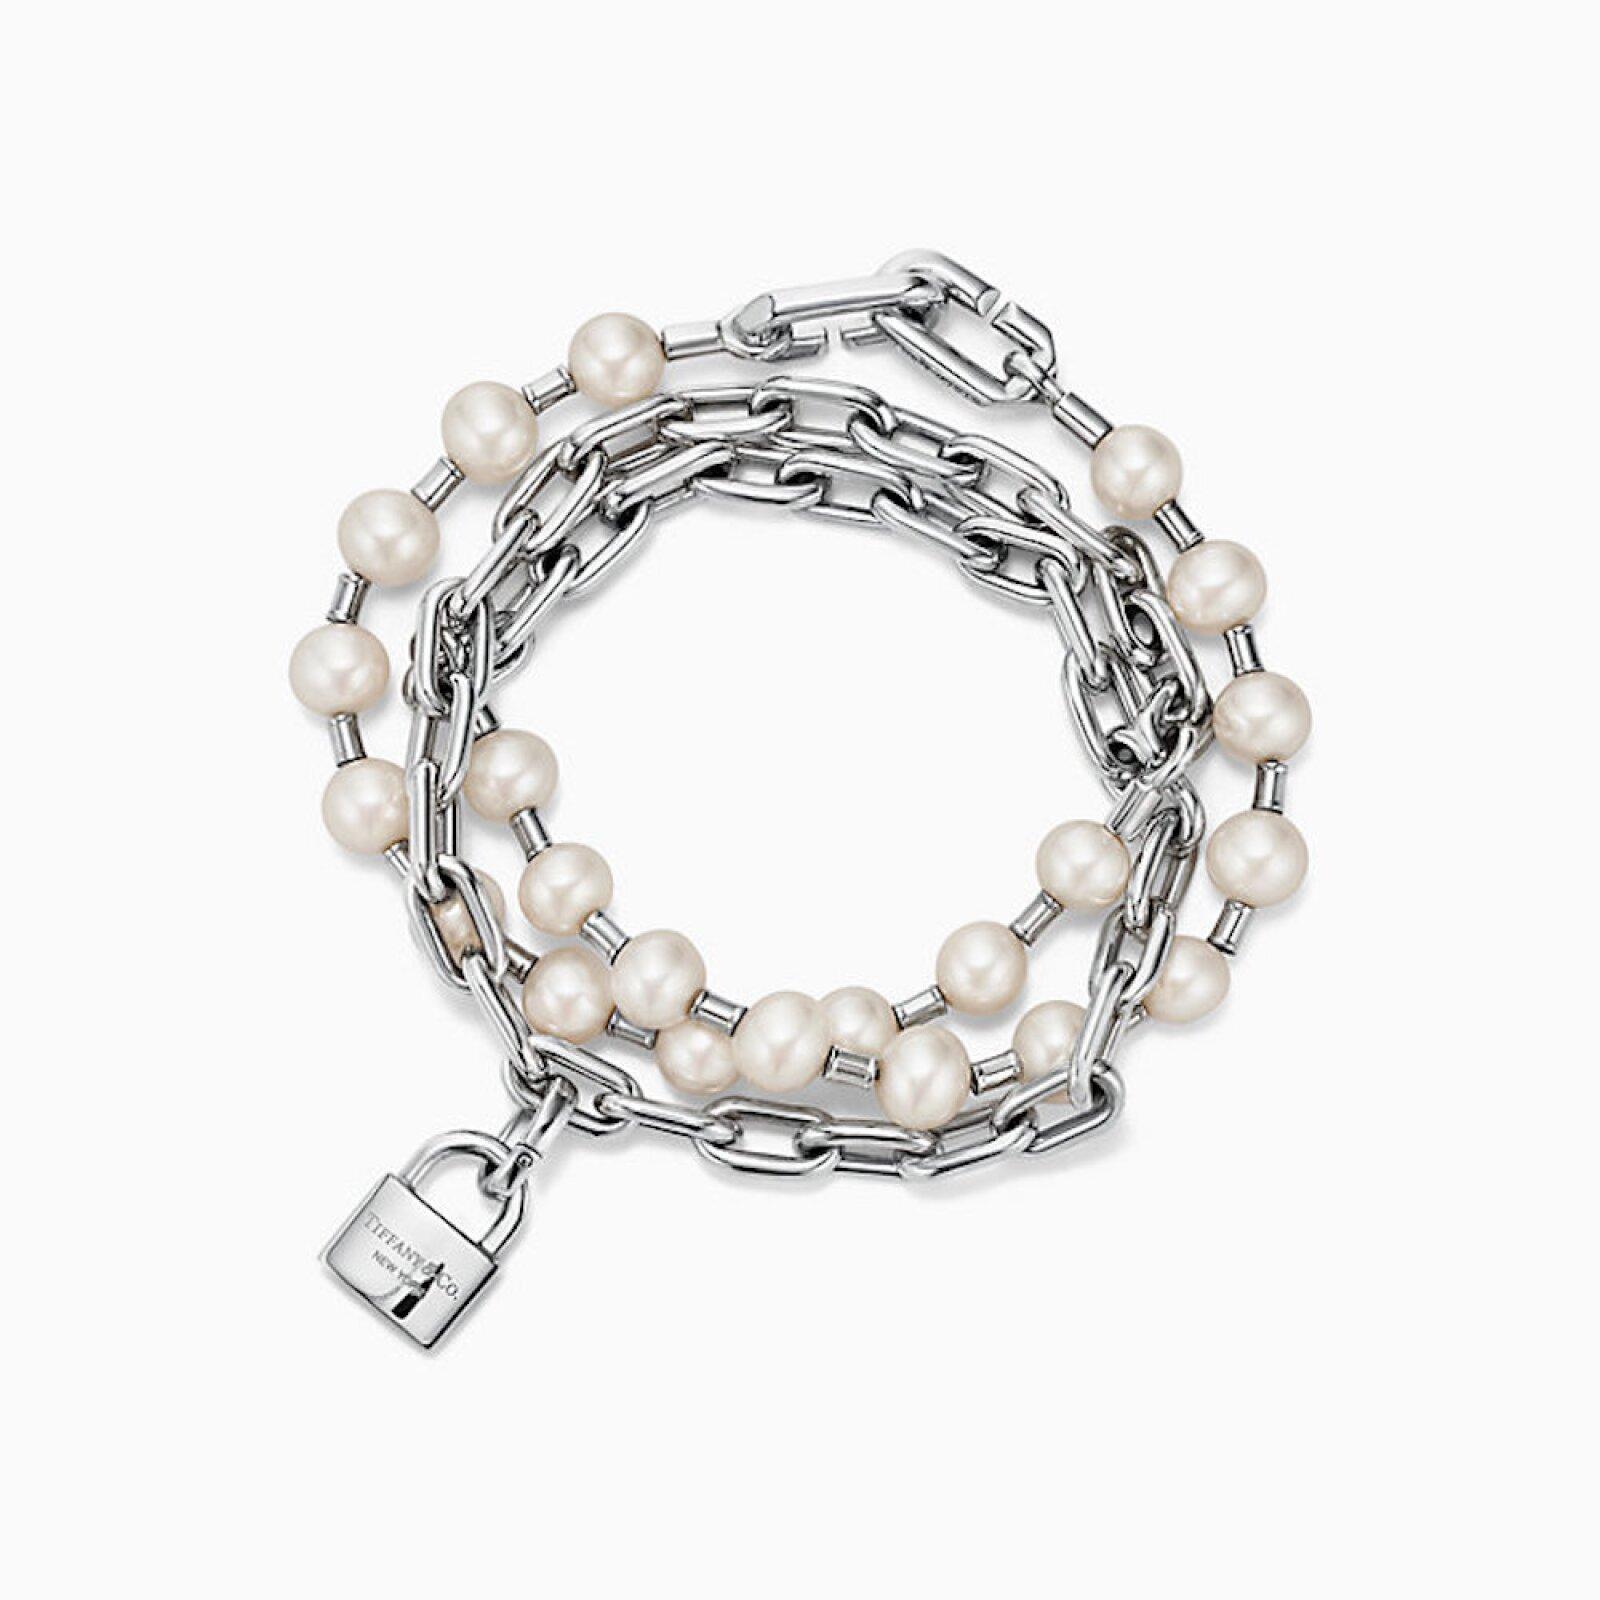 tiffany-hardwearbrazalete-de-perlas-de-agua-dulce-con-candado-en-plata-fina-67063414_1000542_ED_M-67063414_1000542_ED_M.jpg